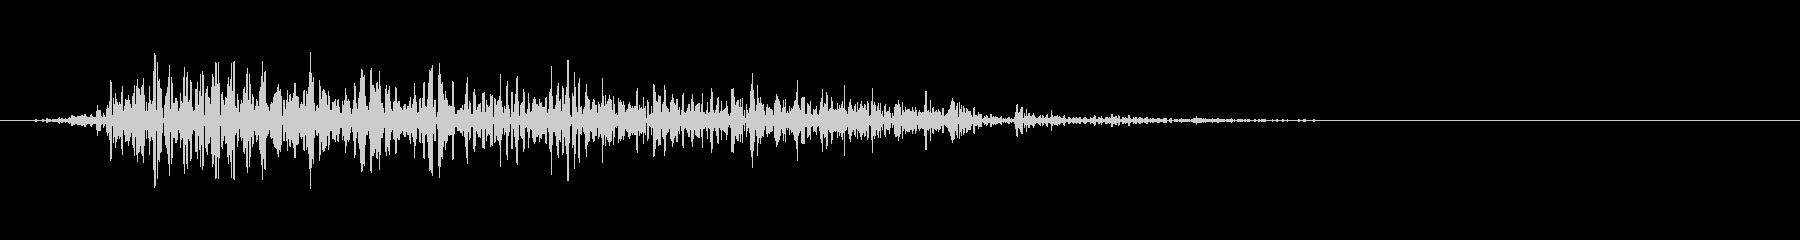 Shout / Enthusiasm (for battle) A 010's unreproduced waveform